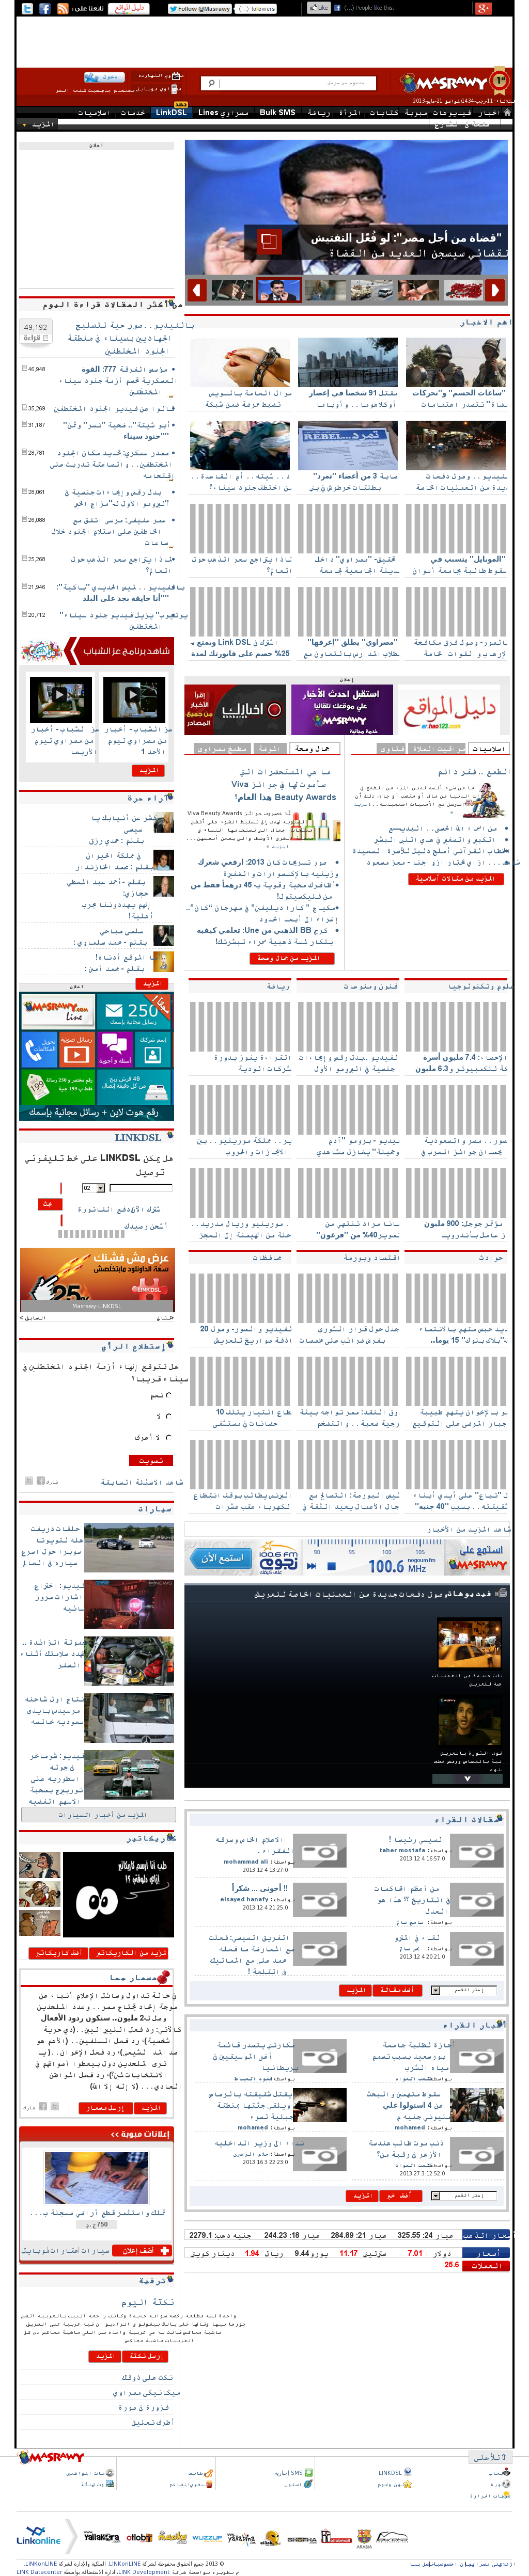 Masrawy at Tuesday May 21, 2013, 1:13 p.m. UTC